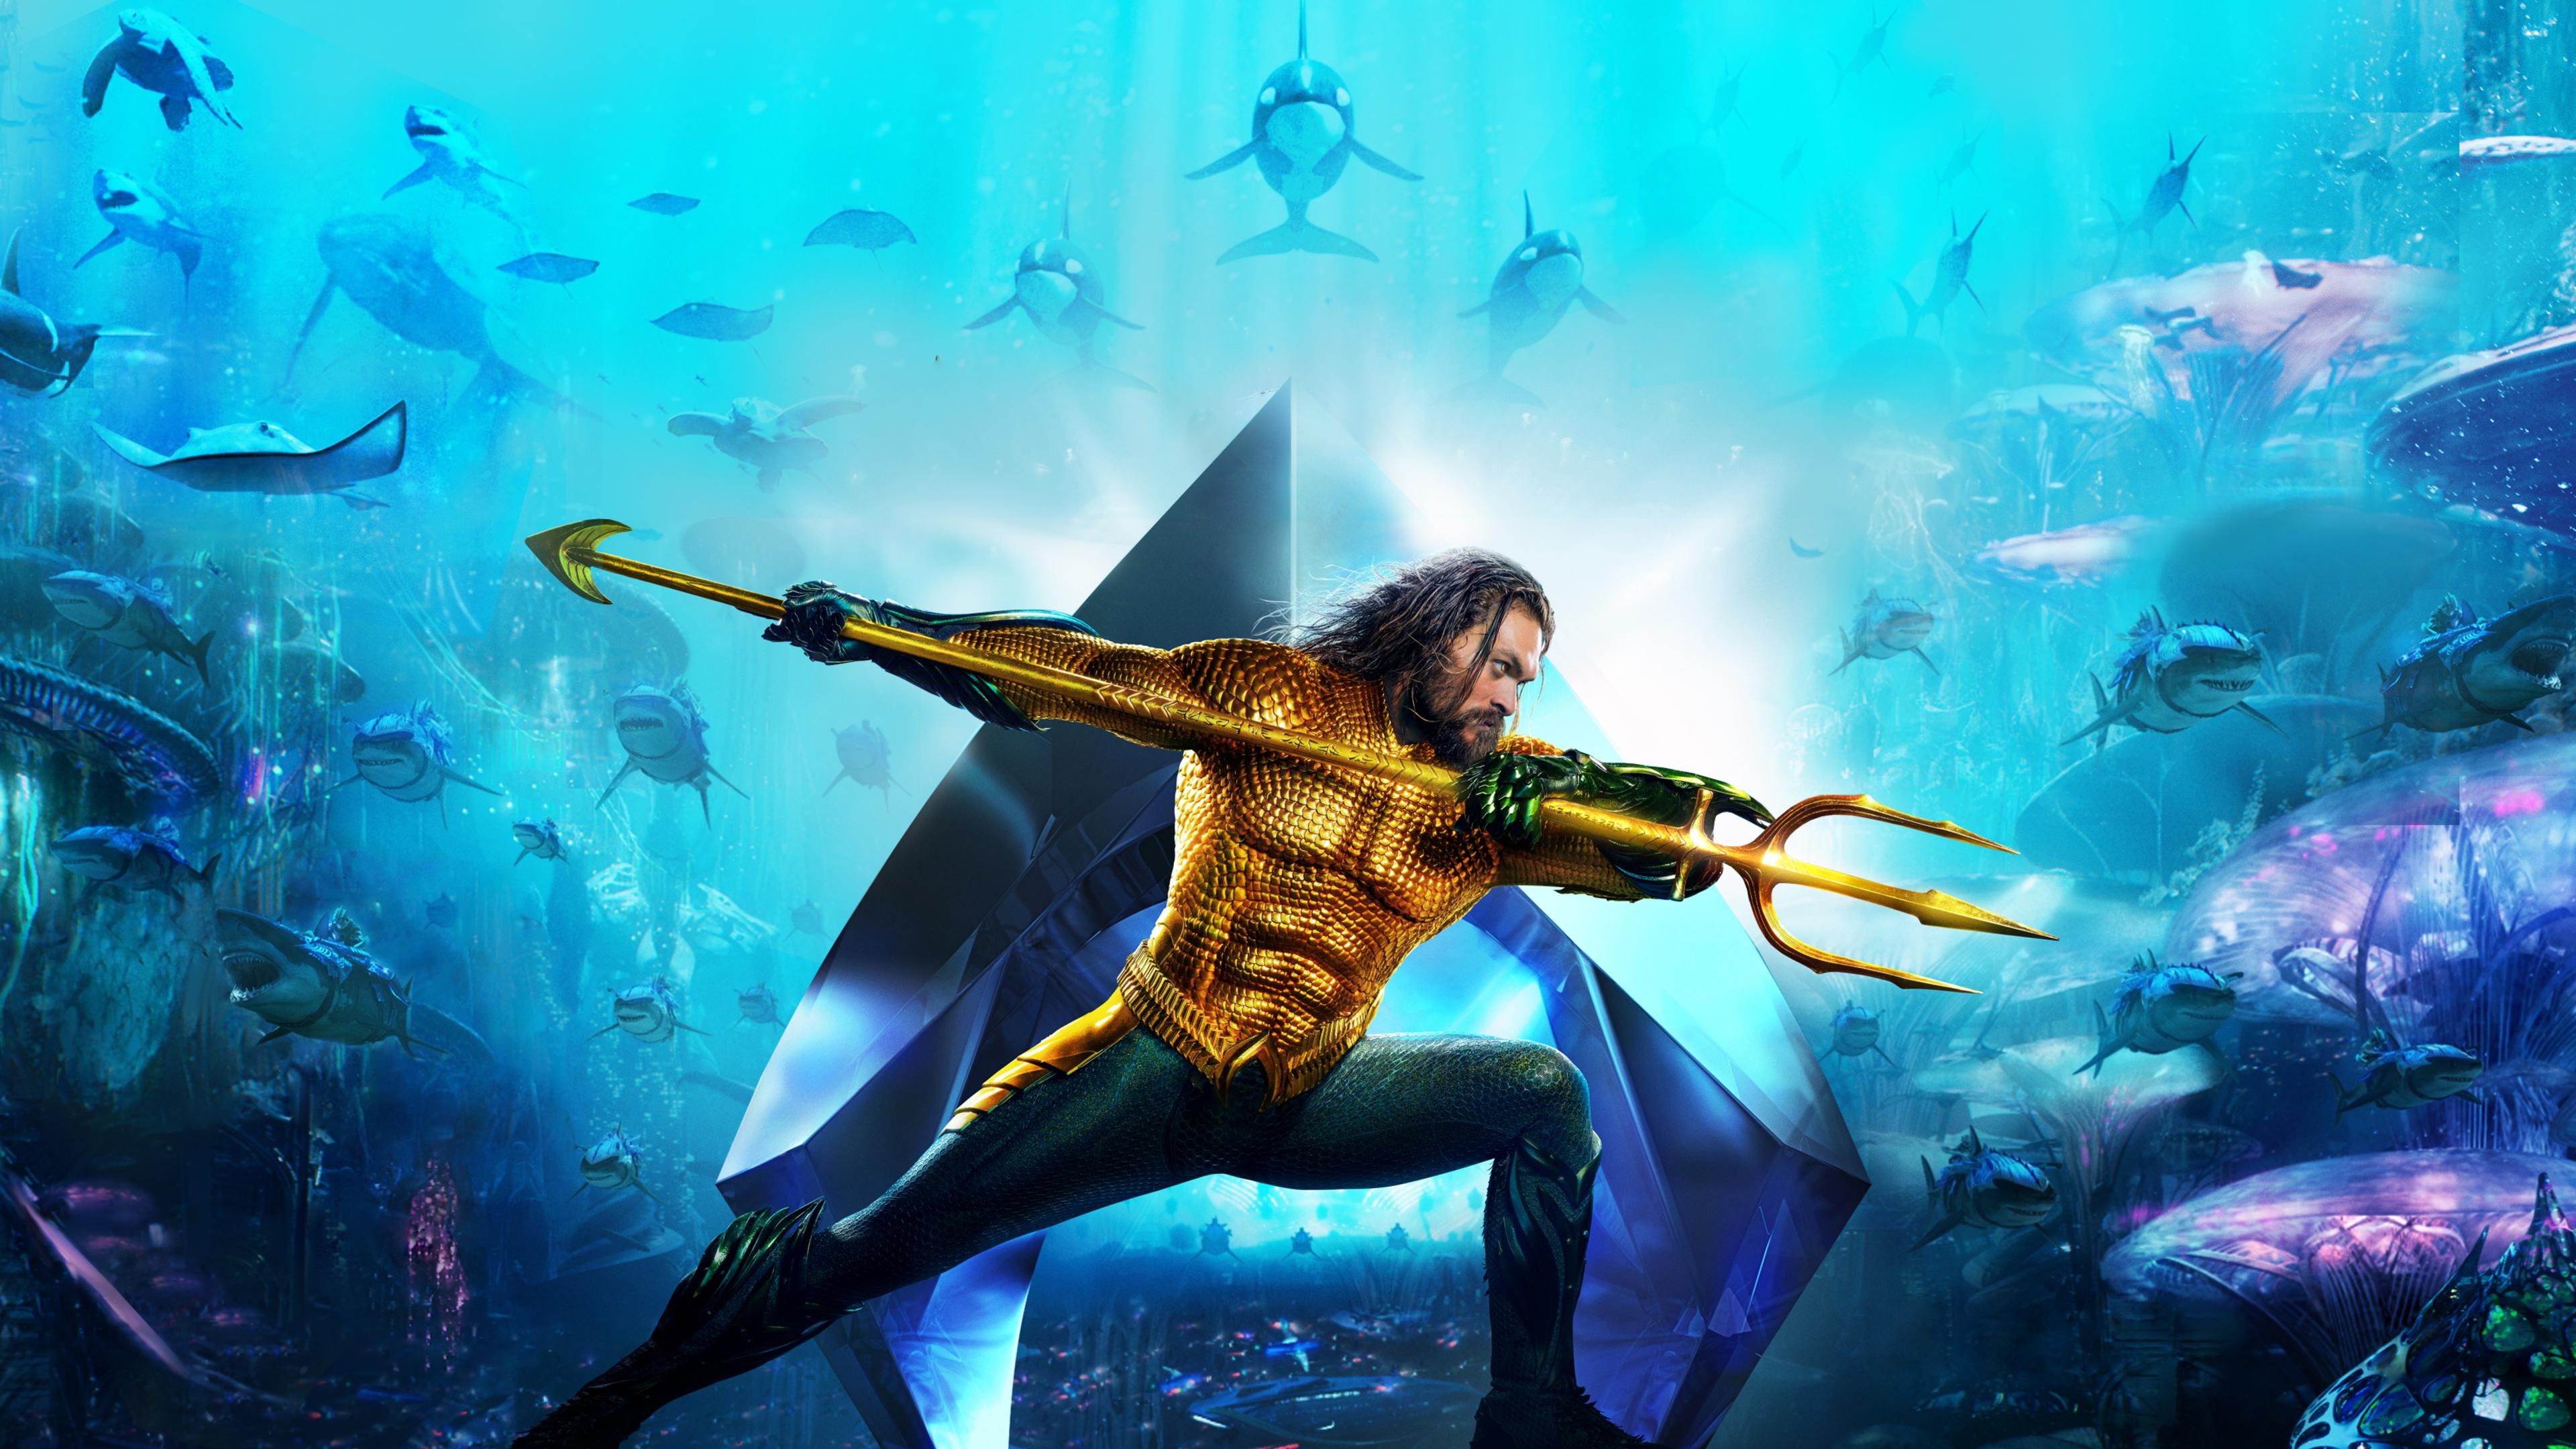 aquaman movie new poster 2018 mv 3840x2160 - Aquaman Poster 2018 4k new - Aquaman wallpapers hd 4k download, Aquaman new poster 4k, Aquaman movie wallpapers hd 4k, Aquaman 1080 p wallpapers hd 4k